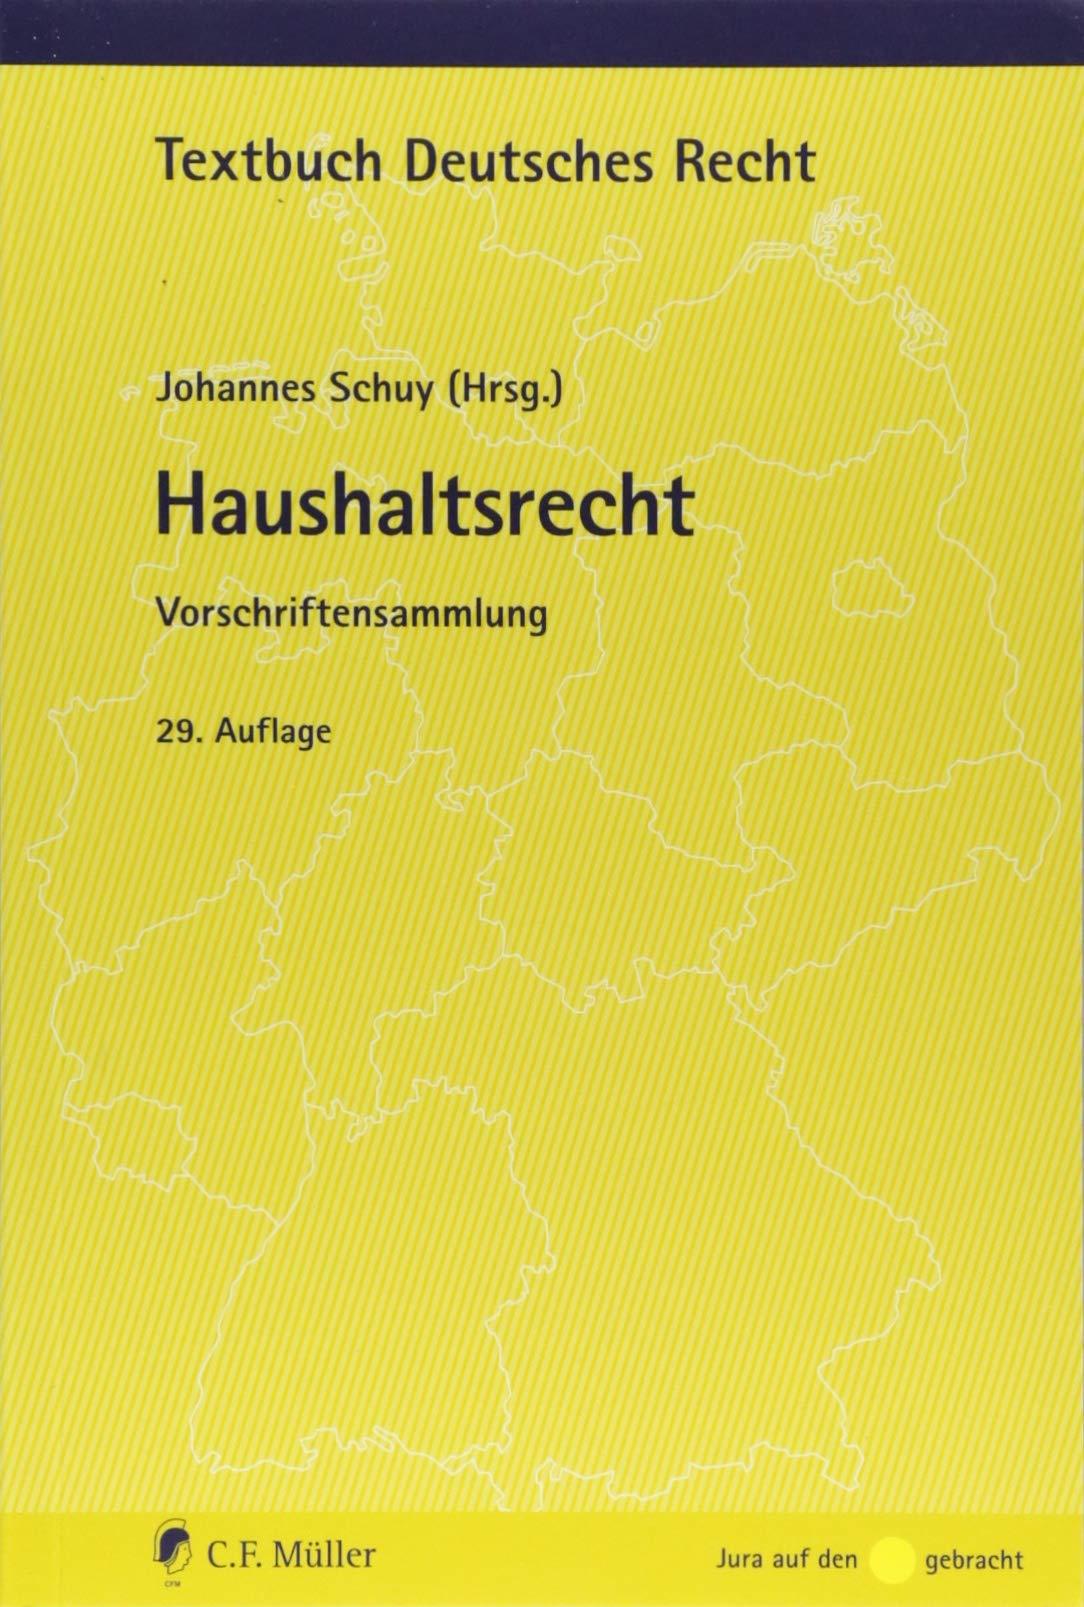 Haushaltsrecht: Vorschriftensammlung (Textbuch Deutsches Recht) Taschenbuch – 26. Juli 2018 Johannes Schuy C.F. Müller 3811447416 Öffentliches Recht